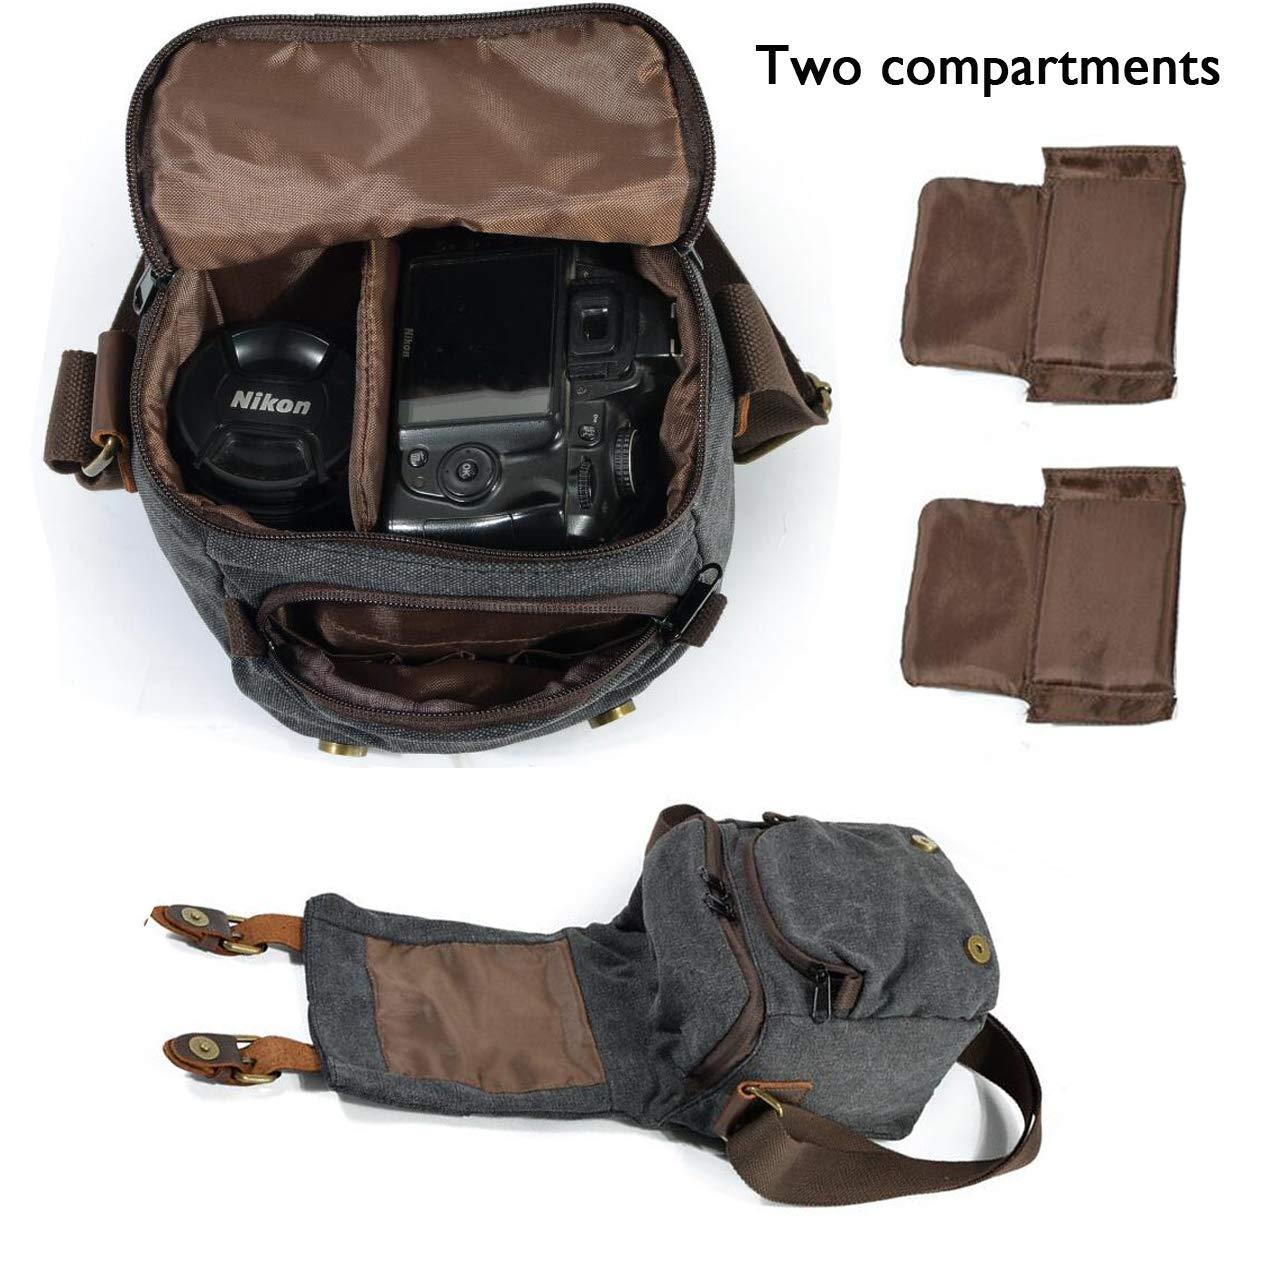 Vianber Borsa Fotografica SLR Borsa a tracolla Fotografia vintage Impermeabile Tela Camera Bag con due pad Interlayer per fotocamera SLR Grigio scuro